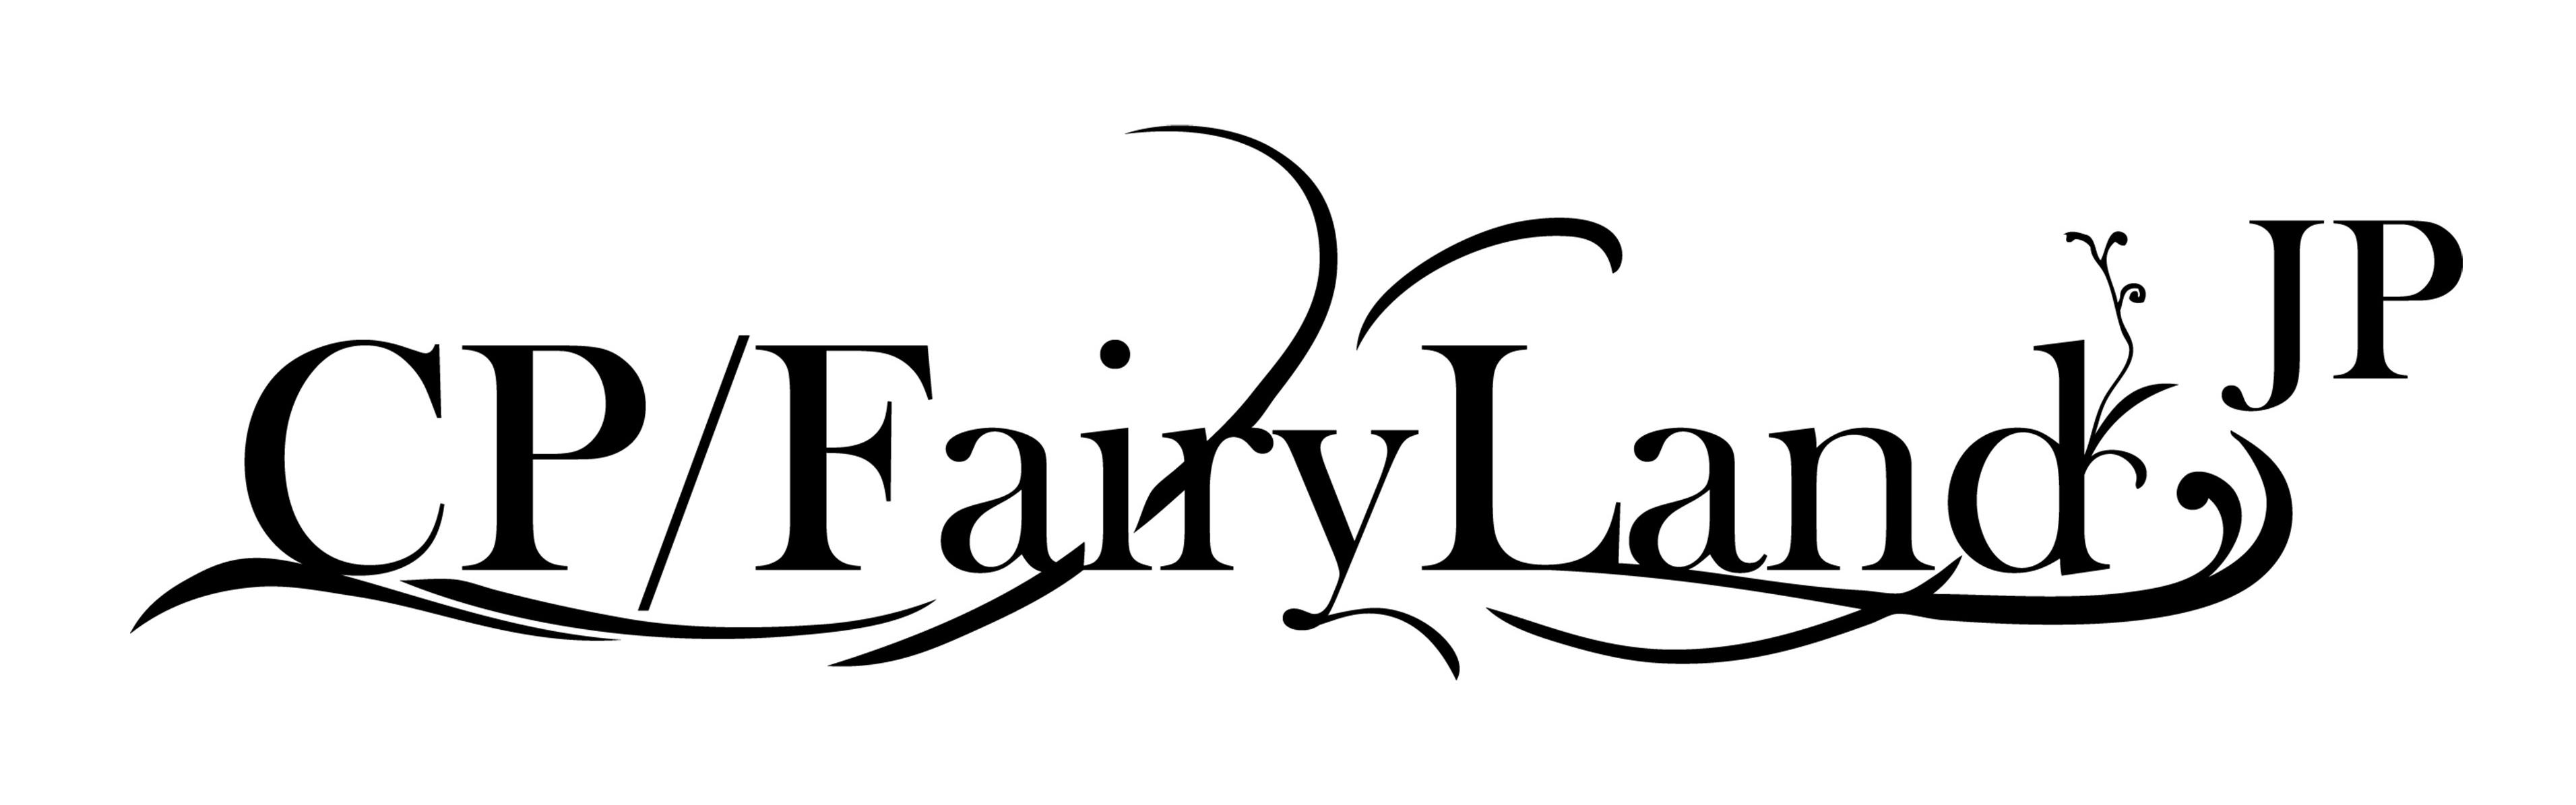 cpfairyland jp logo